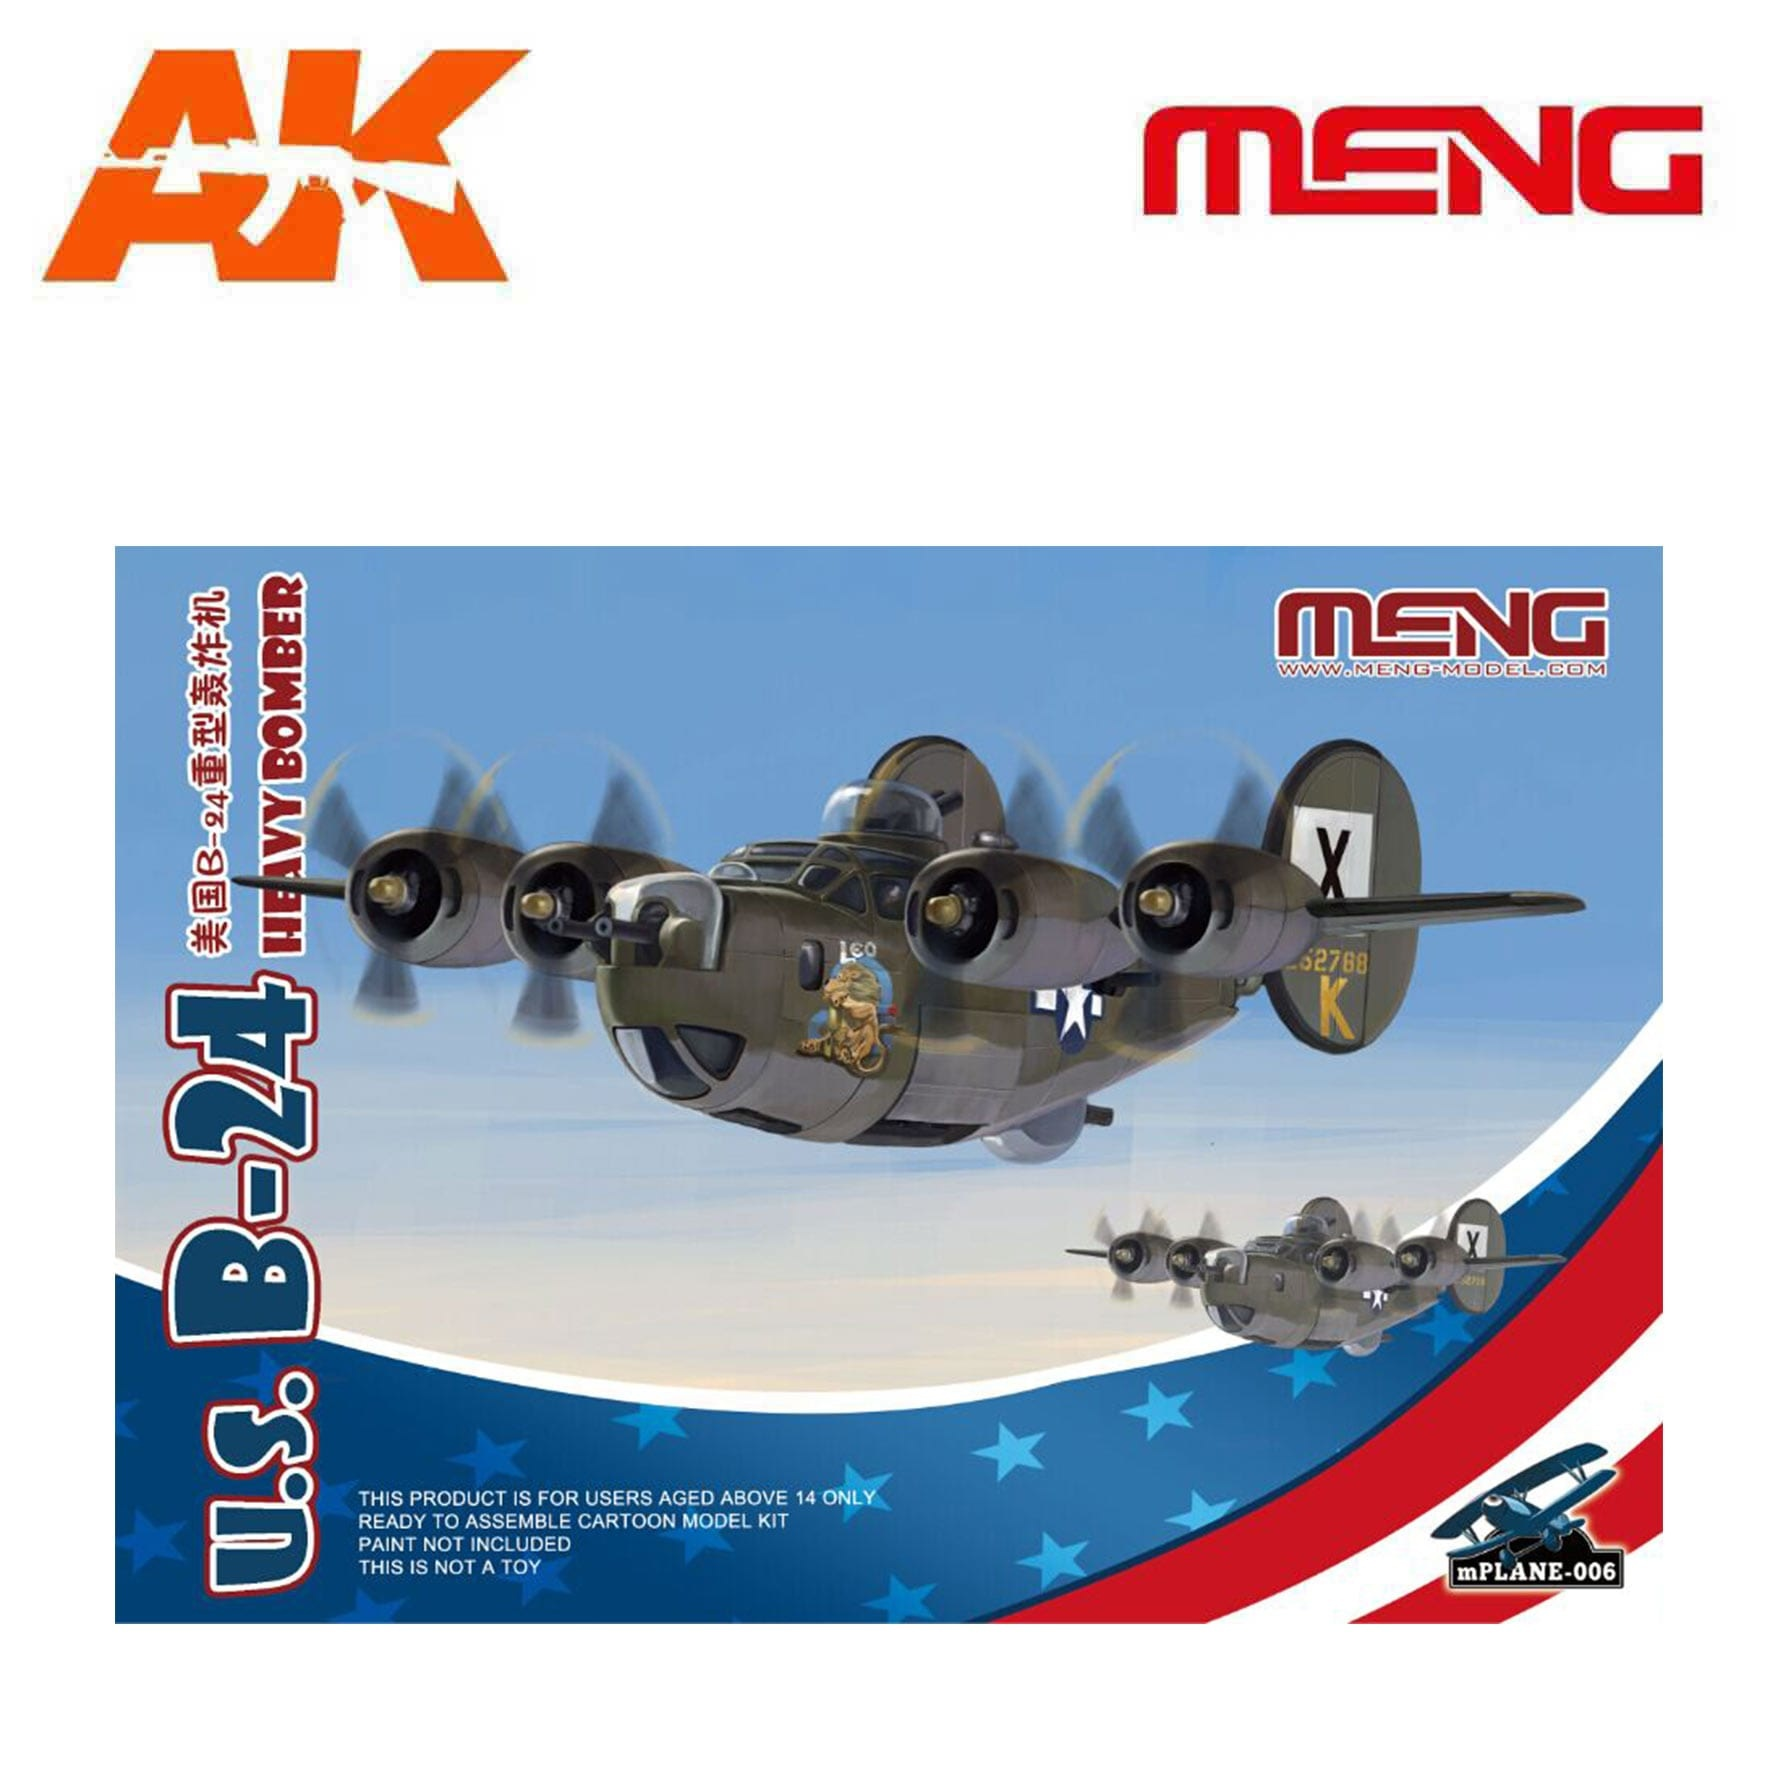 Meng Models U.S. B-24 Heavy Bomber - Cartoon Model - Meng Models - MM Mplane-006